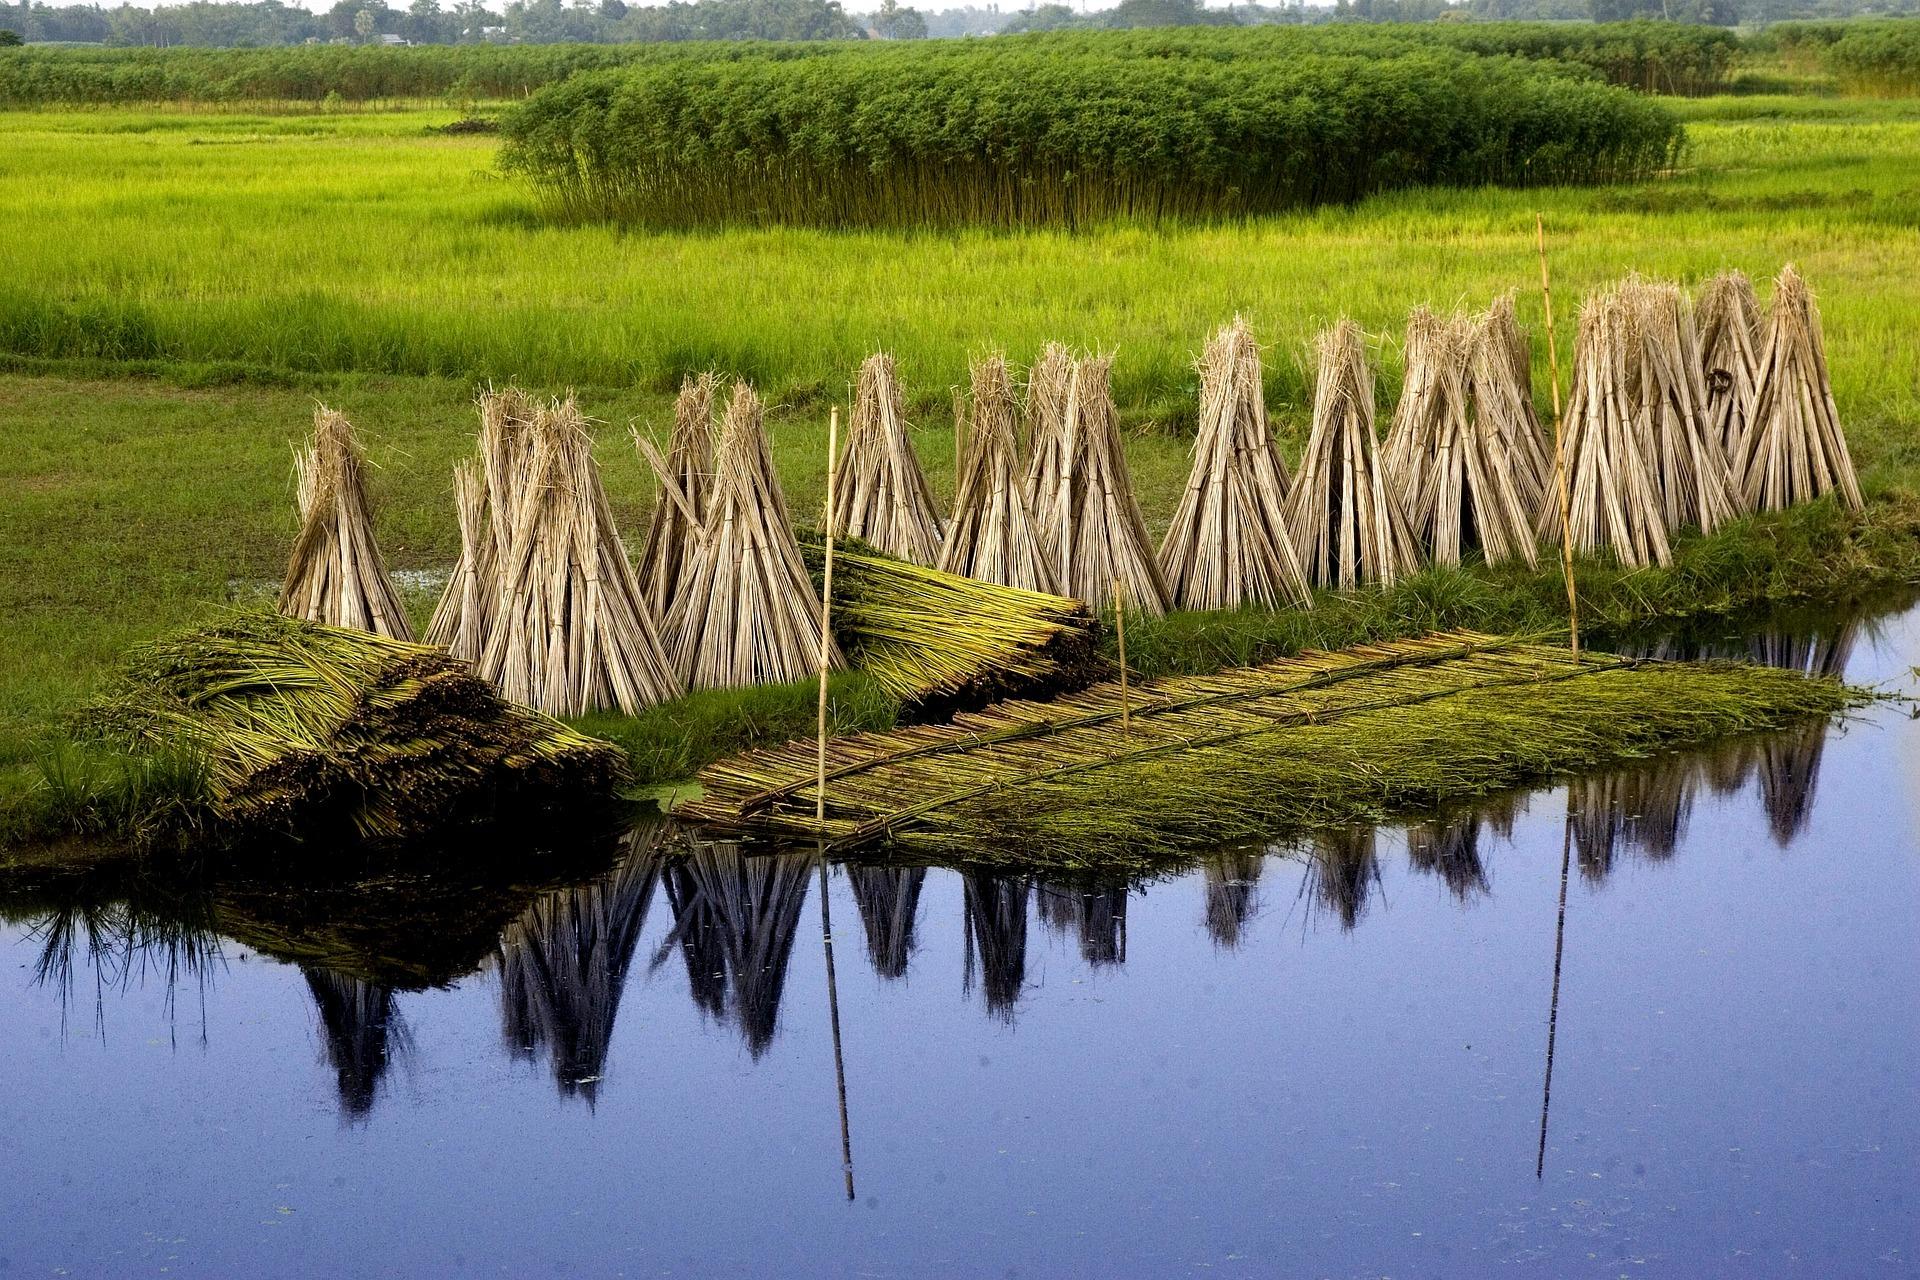 varas-de-yute- amontonadas-en-grupos-tras-cosecha-en-Bangladesh-materia-natural-propia-de-hogar-sostenible-o-ecologico